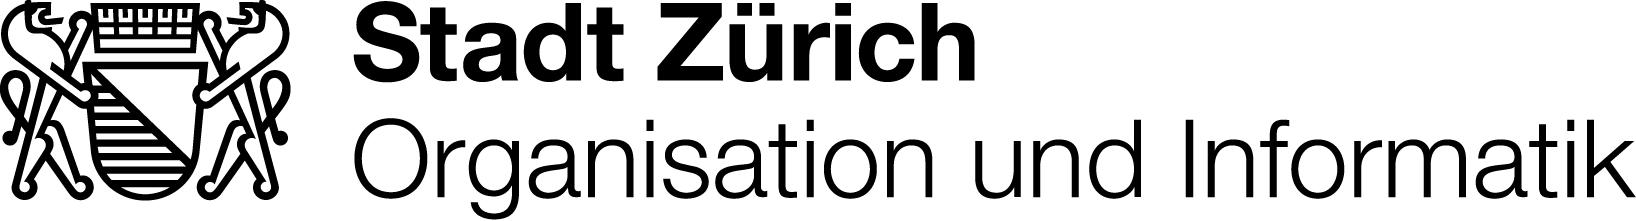 Organisation und Informatik der Stadt Zürich OIZ Logo